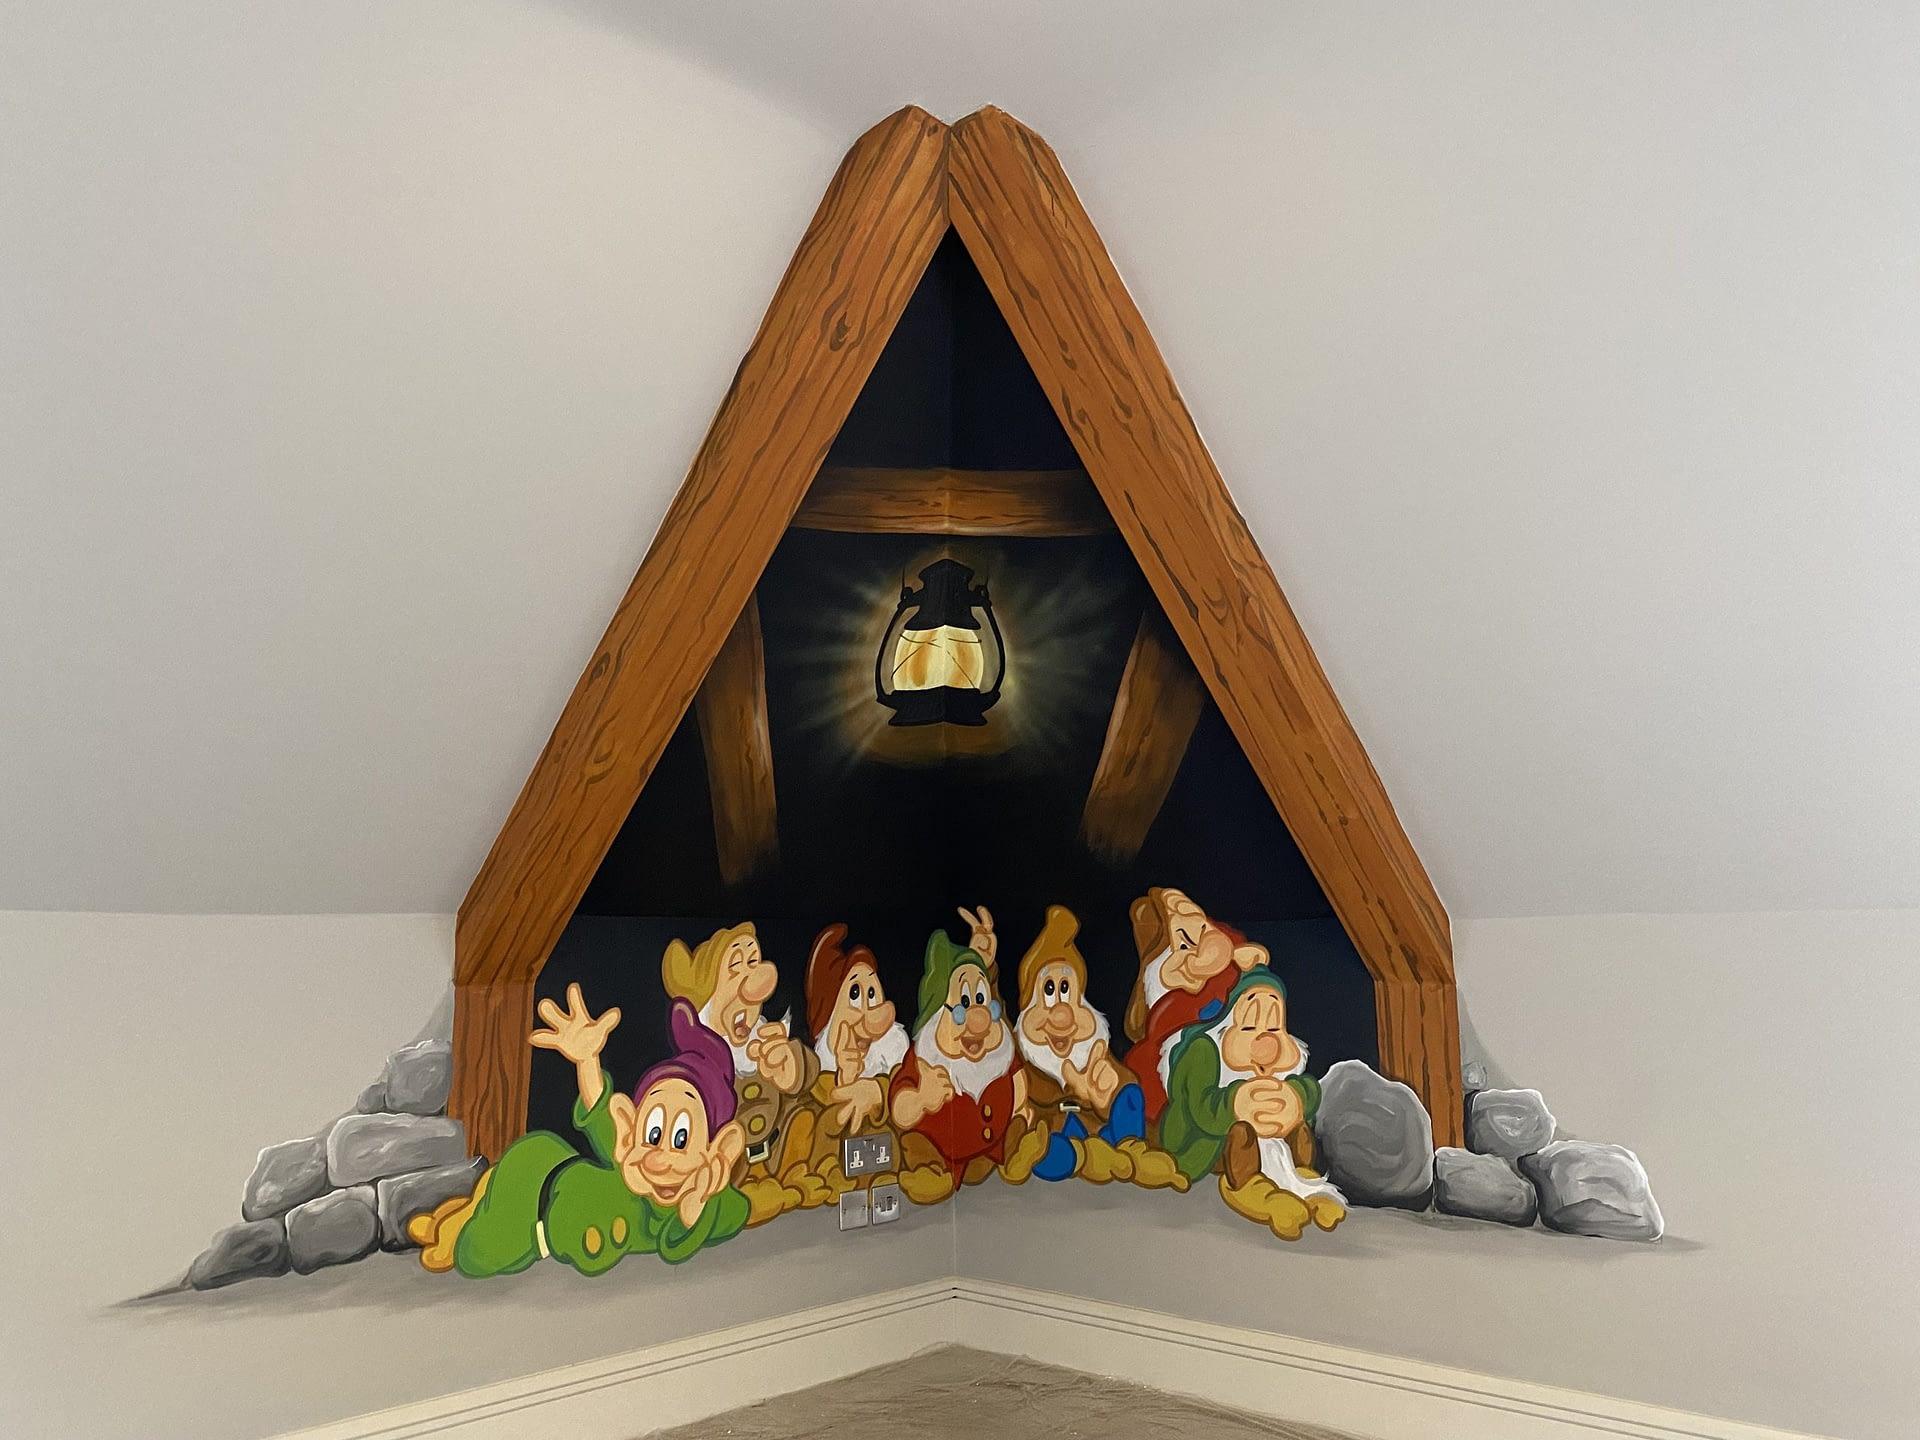 Seven Dwarfs Mural